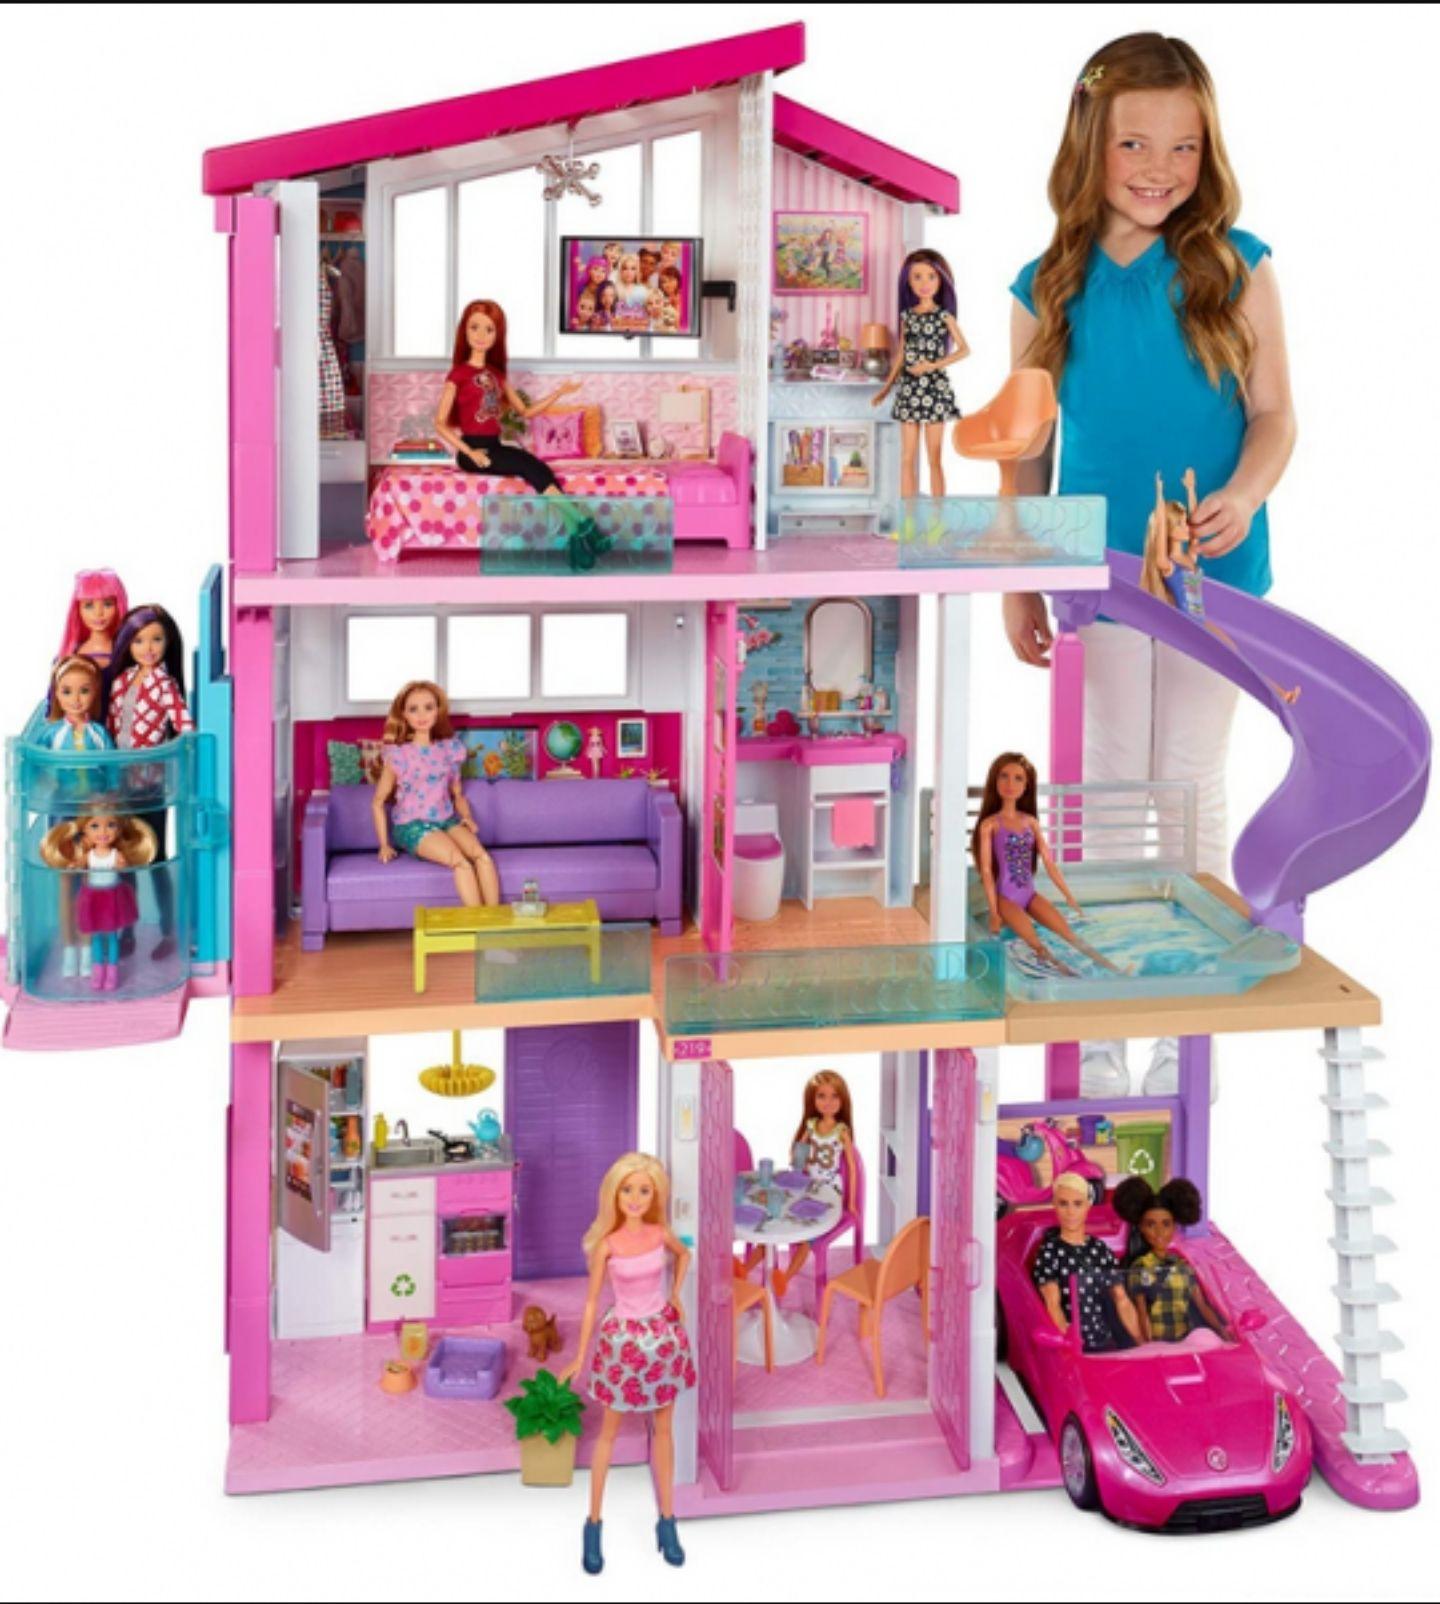 Promo Barbi Idealny domek